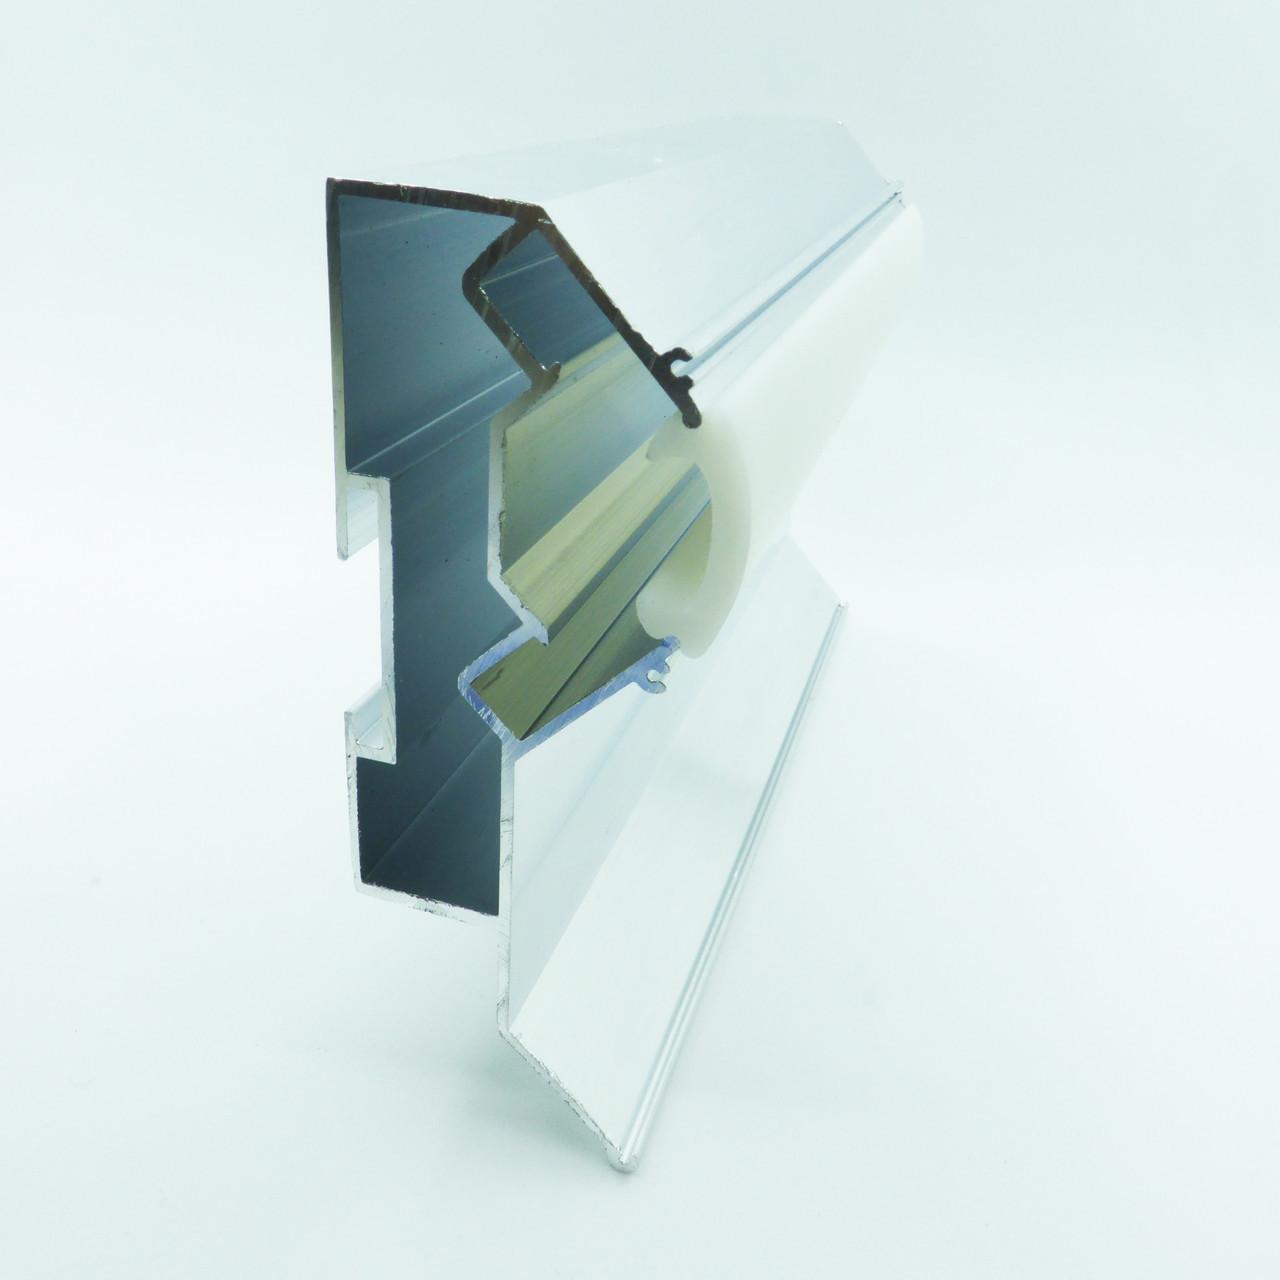 Профиль алюминиевый для натяжных потолков - двухуровневый ПЛ-75 №2, с подсветкой, с линзой. Длина профиля 2,5 м.